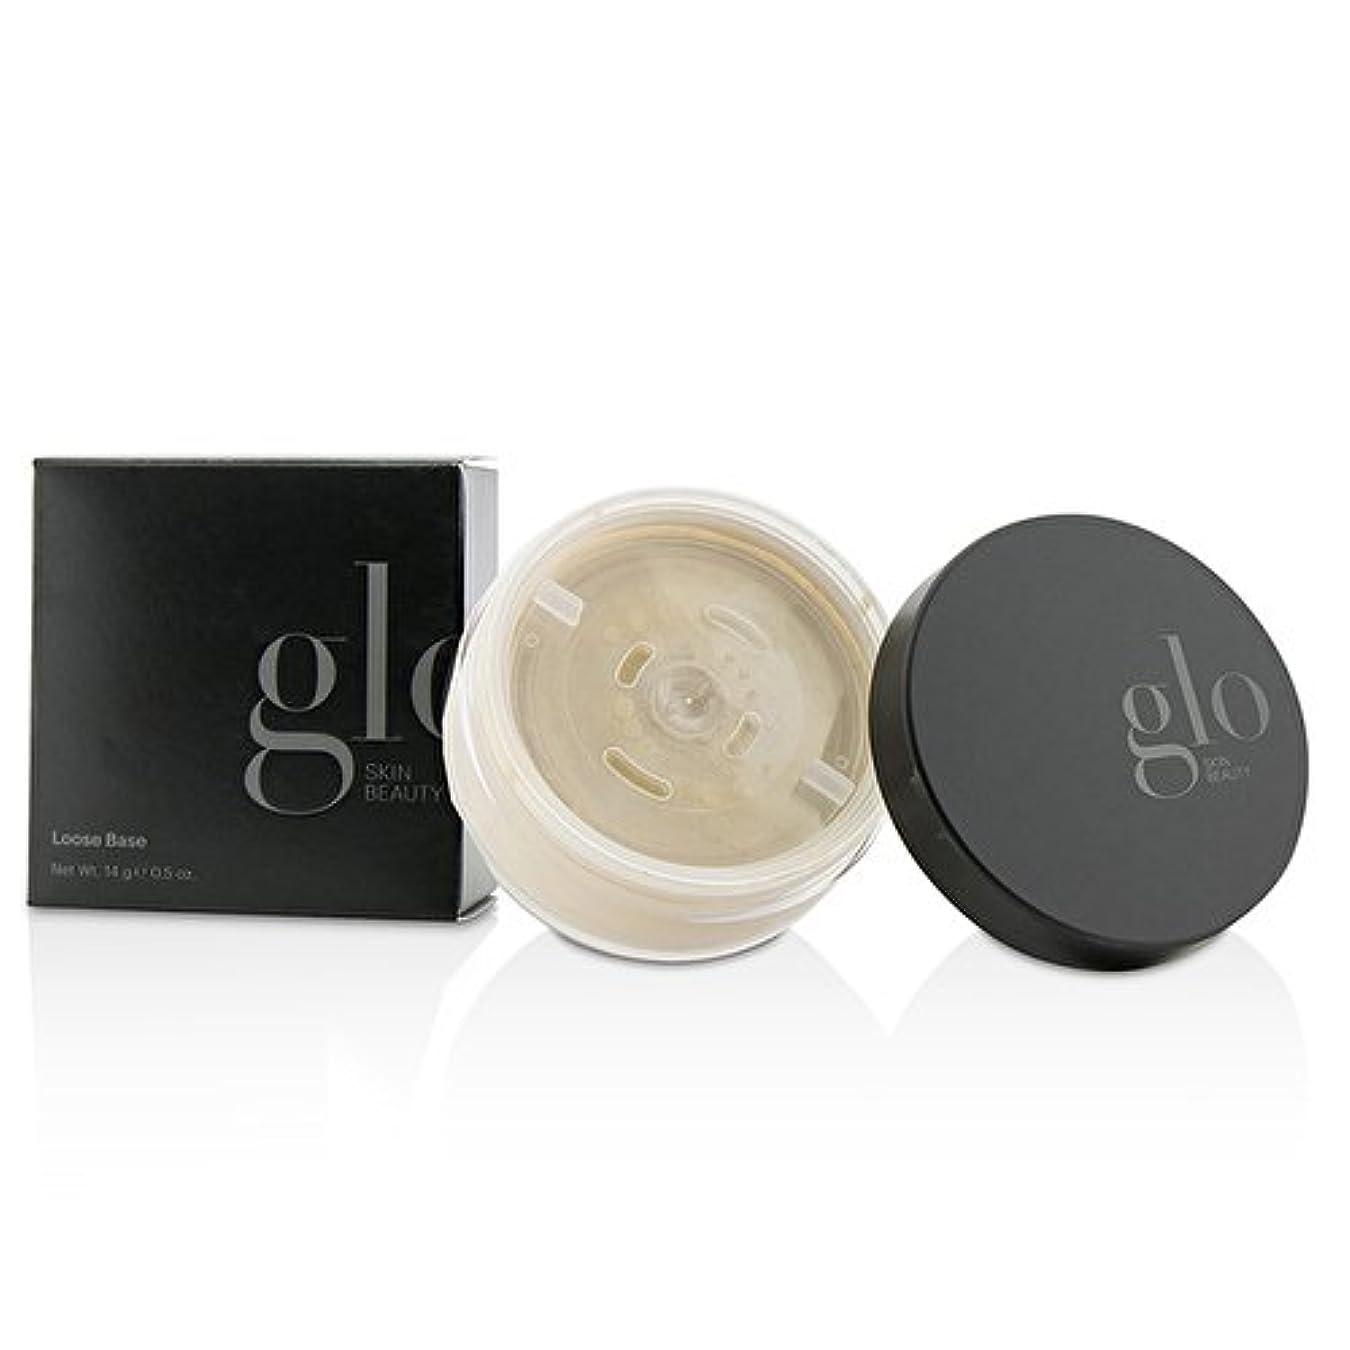 タイピストチャップまたはGlo Skin Beauty Loose Base (Mineral Foundation) - # Natural Fair 14g/0.5oz並行輸入品